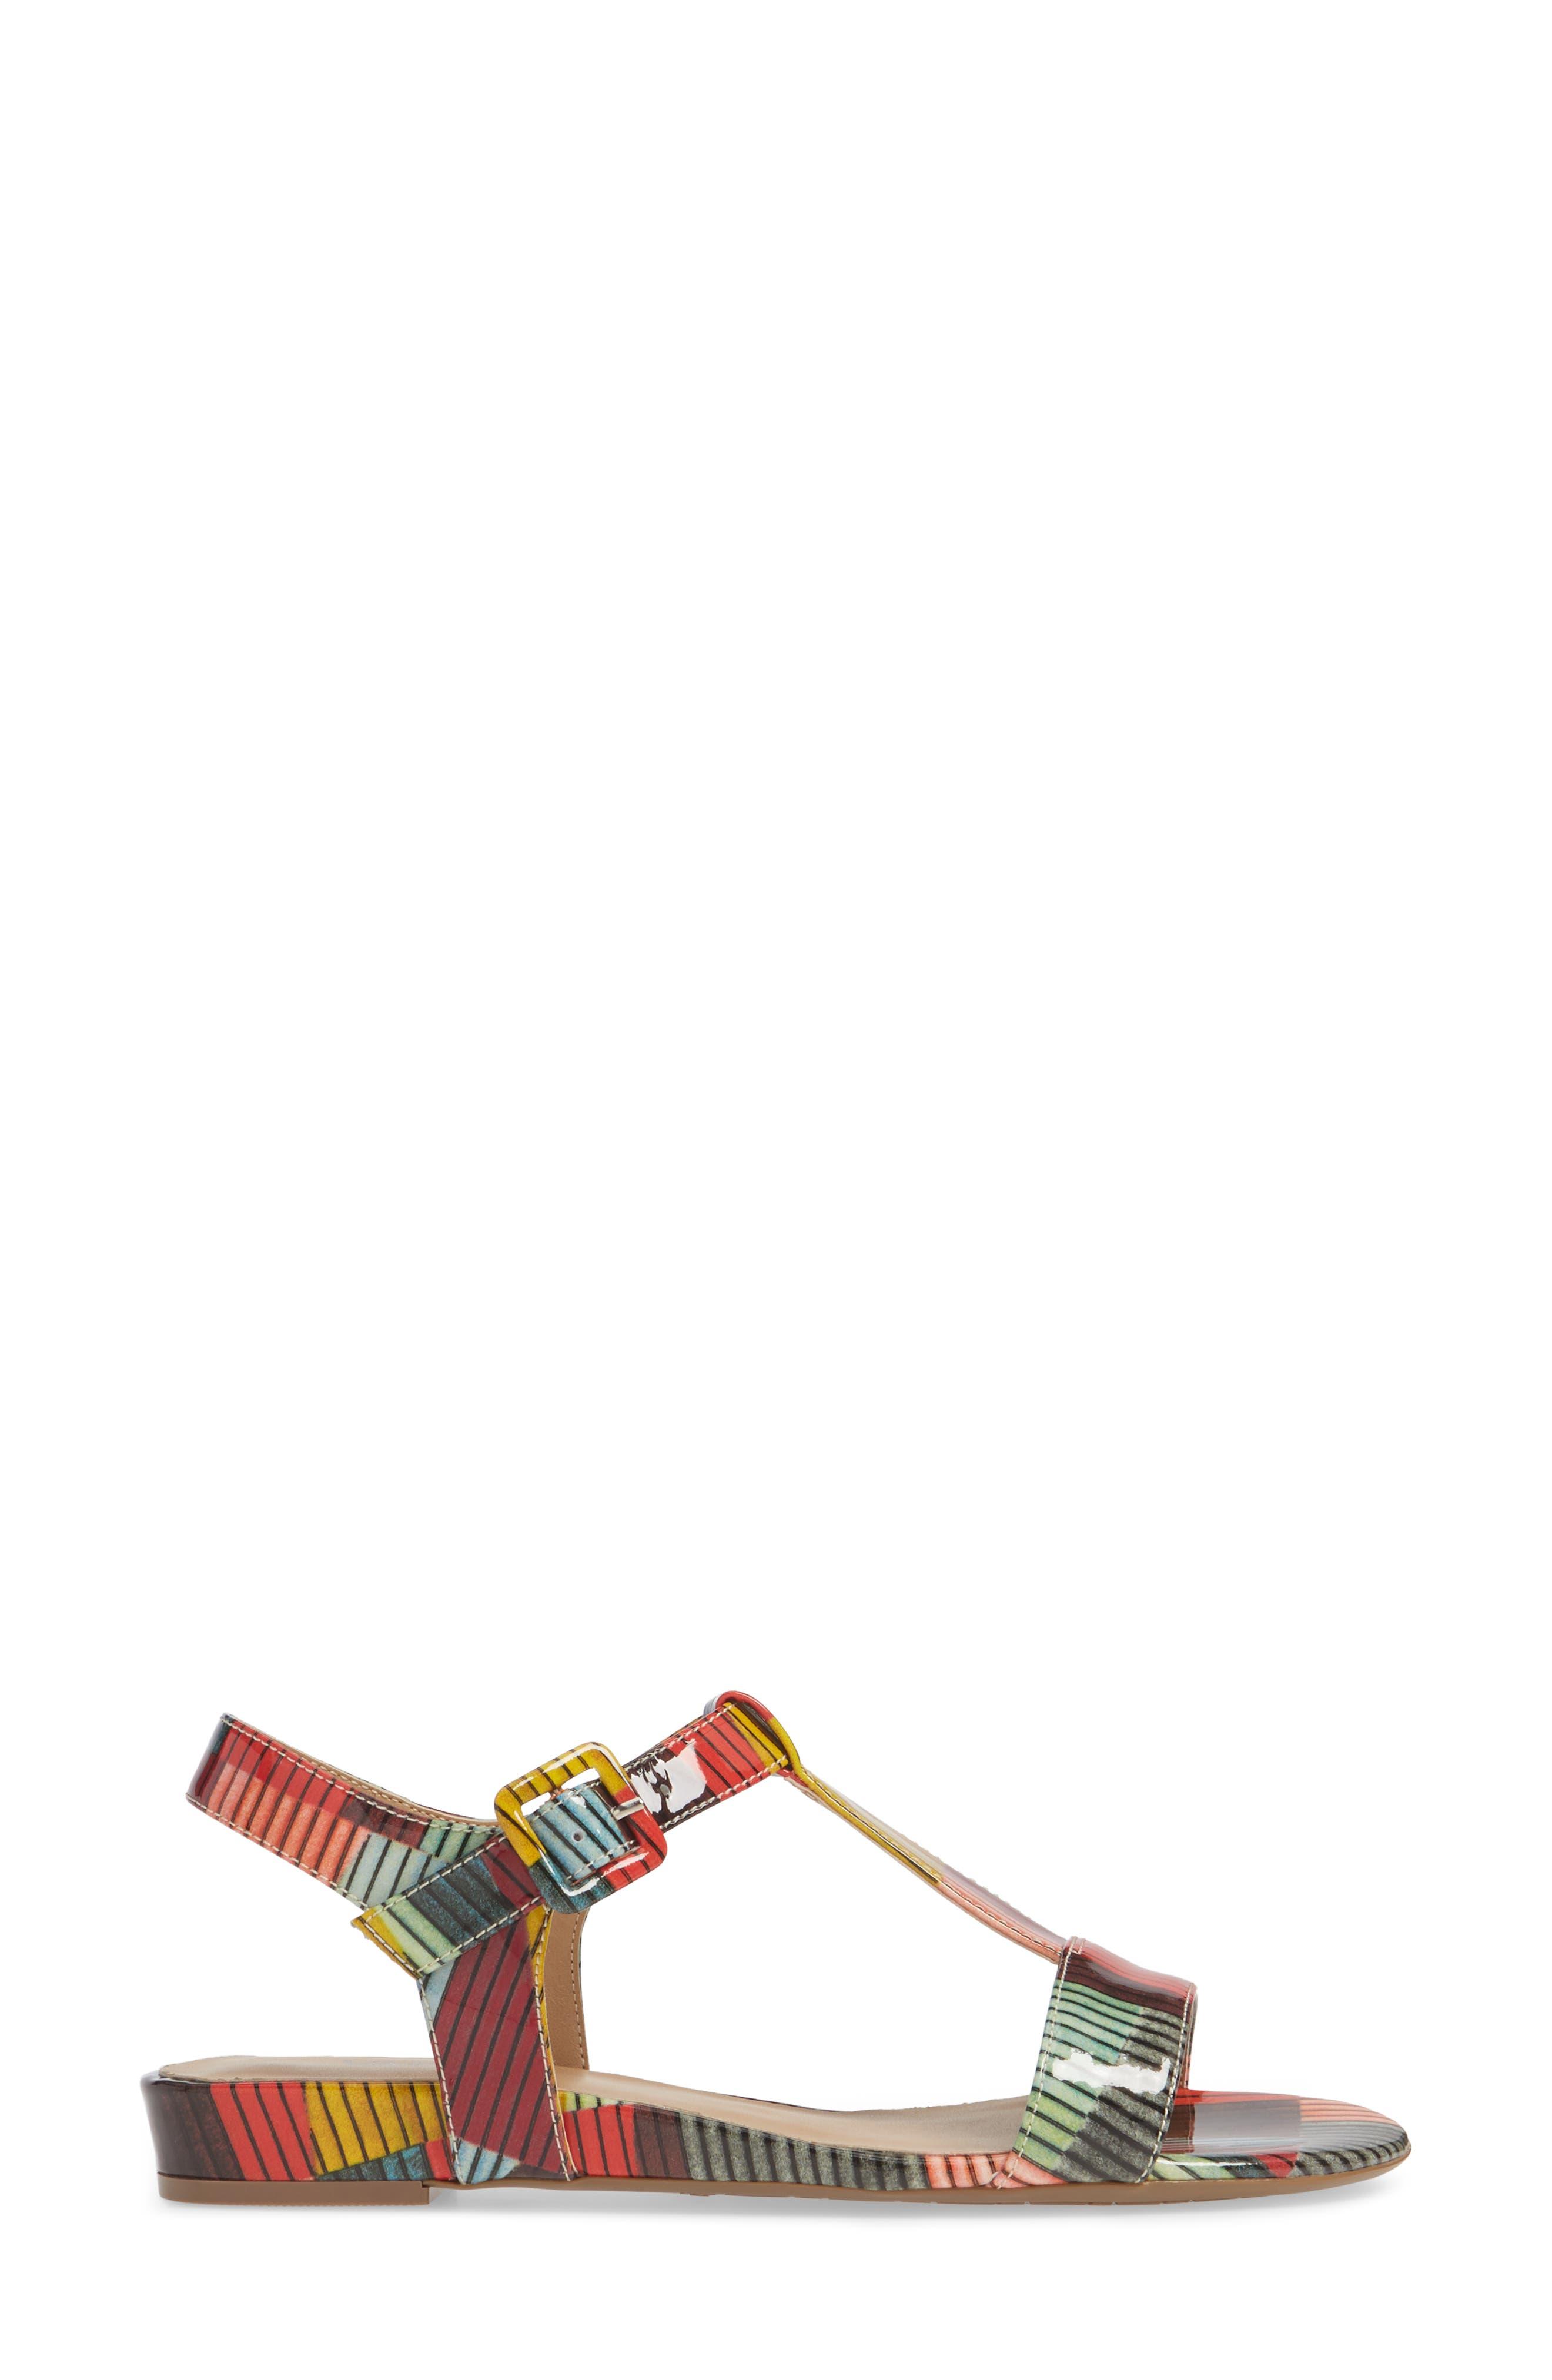 VANELI, Burlie T-Strap Sandal, Alternate thumbnail 3, color, MULTICOLOR PATENT LEATHER